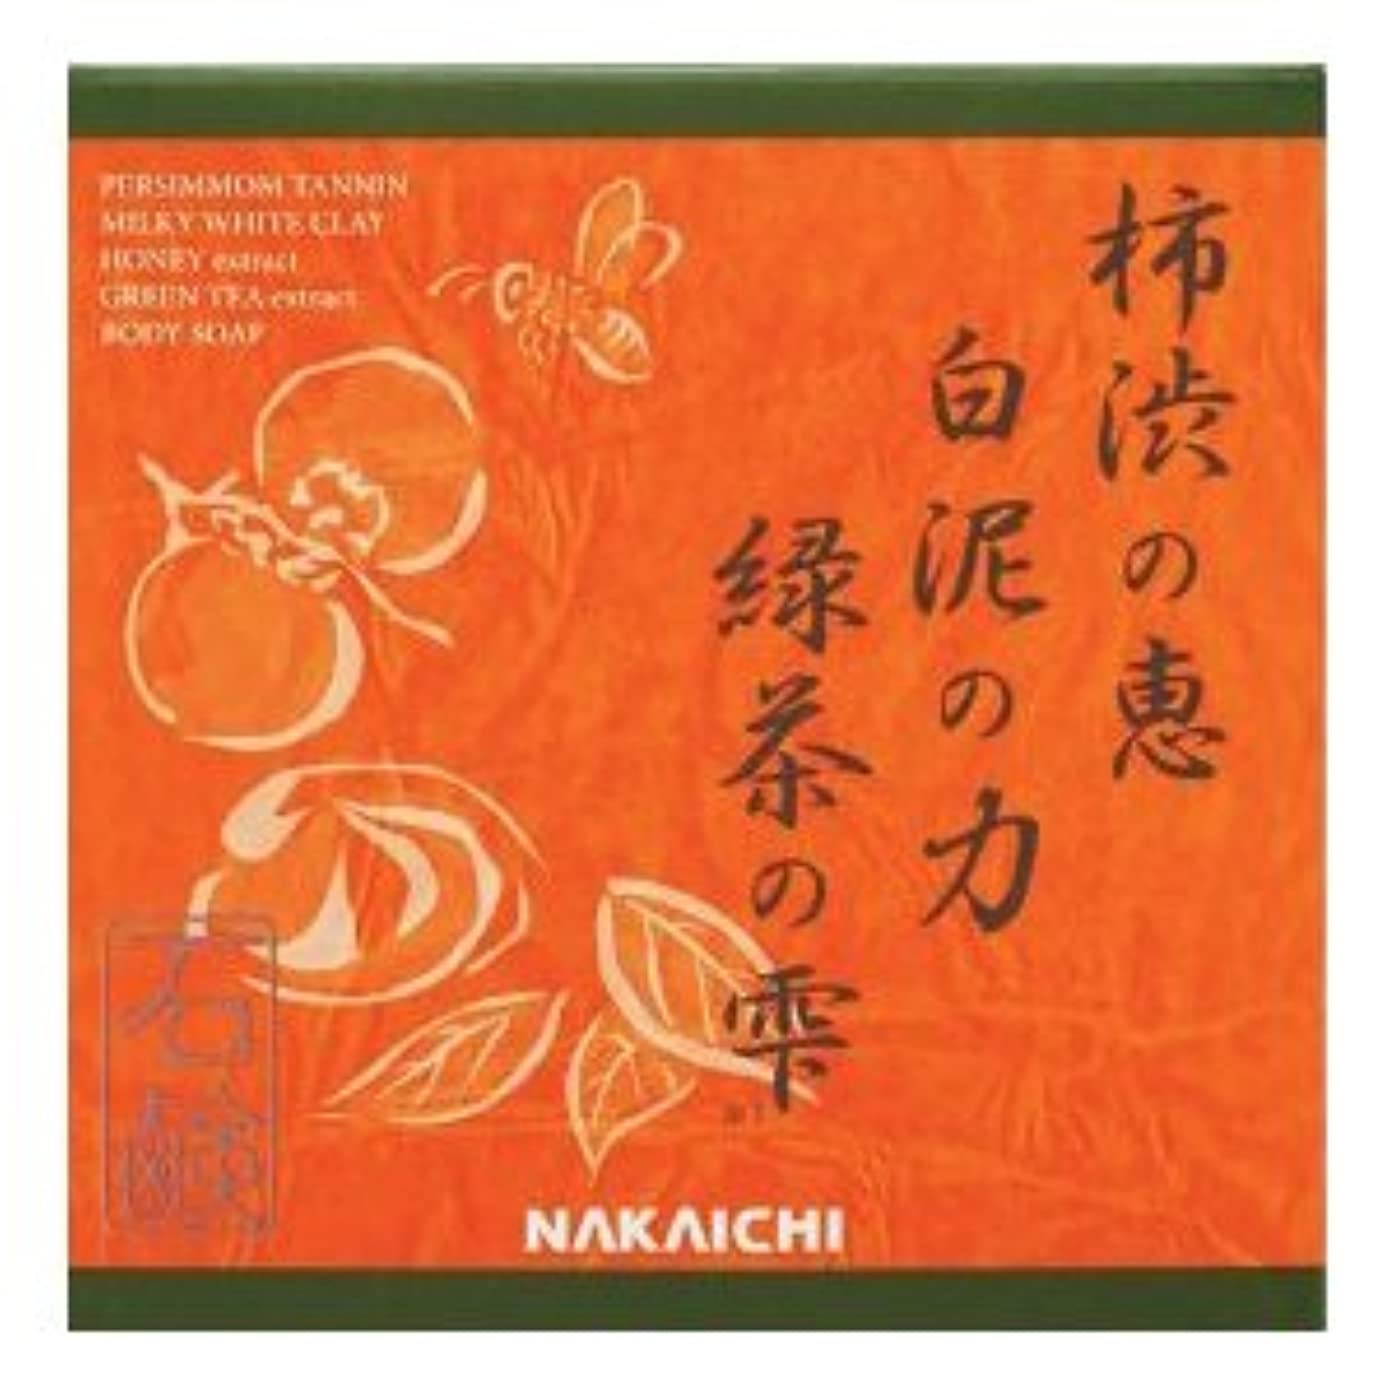 放散するクラフトクライアント柿渋の恵み?白泥の力?緑茶の雫  Nakaichi クリアボディーソープ  100g  (化粧品)